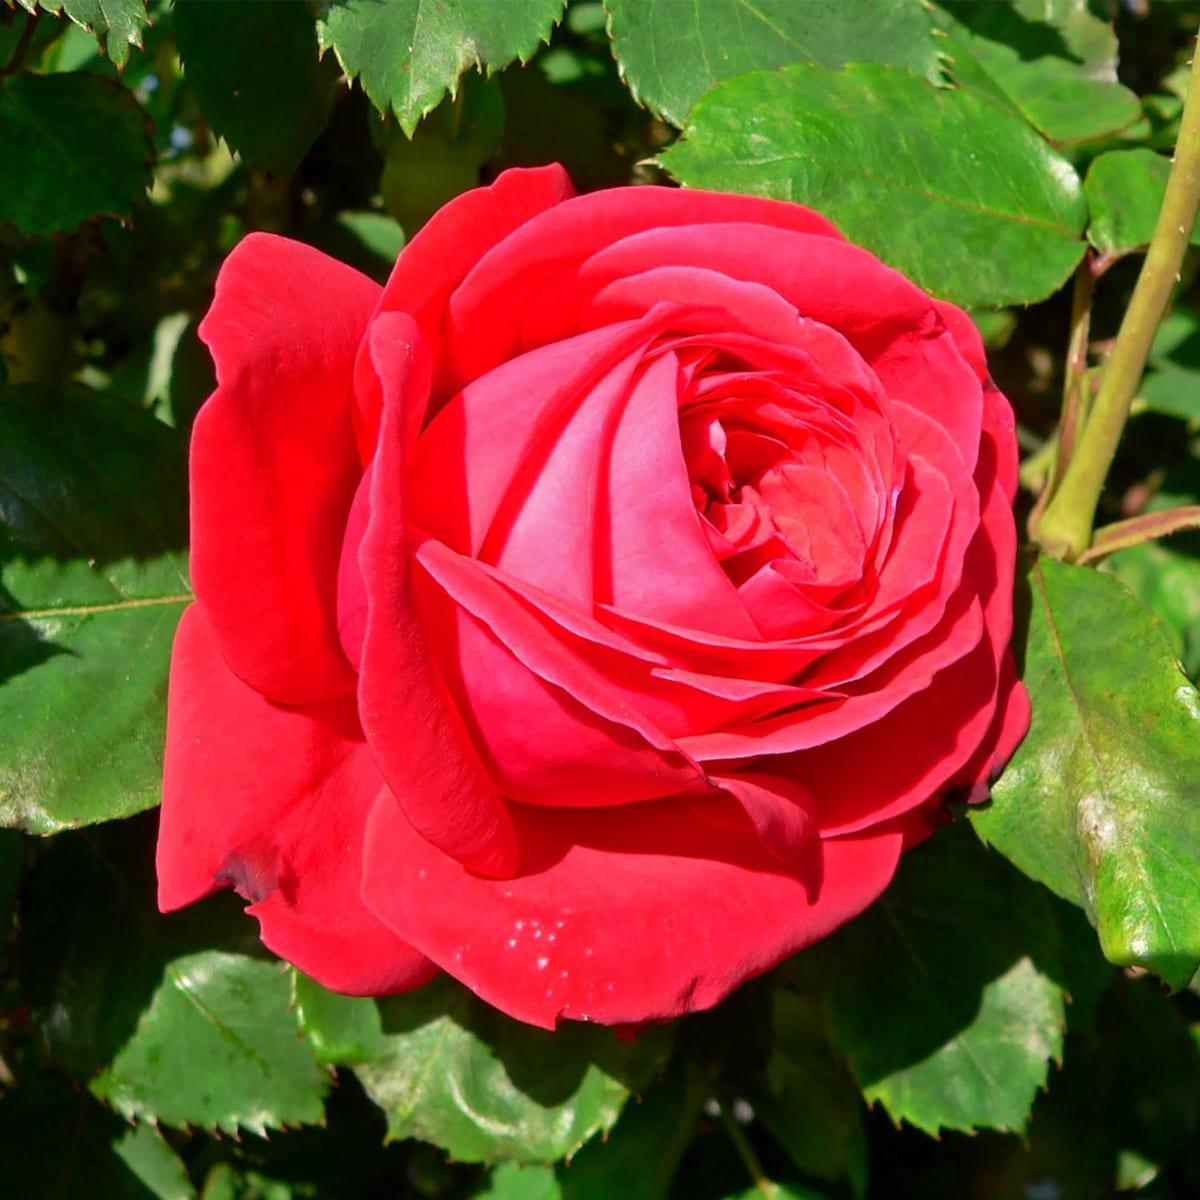 женщинам роза жуа де вивр фото тут комментаторы определили